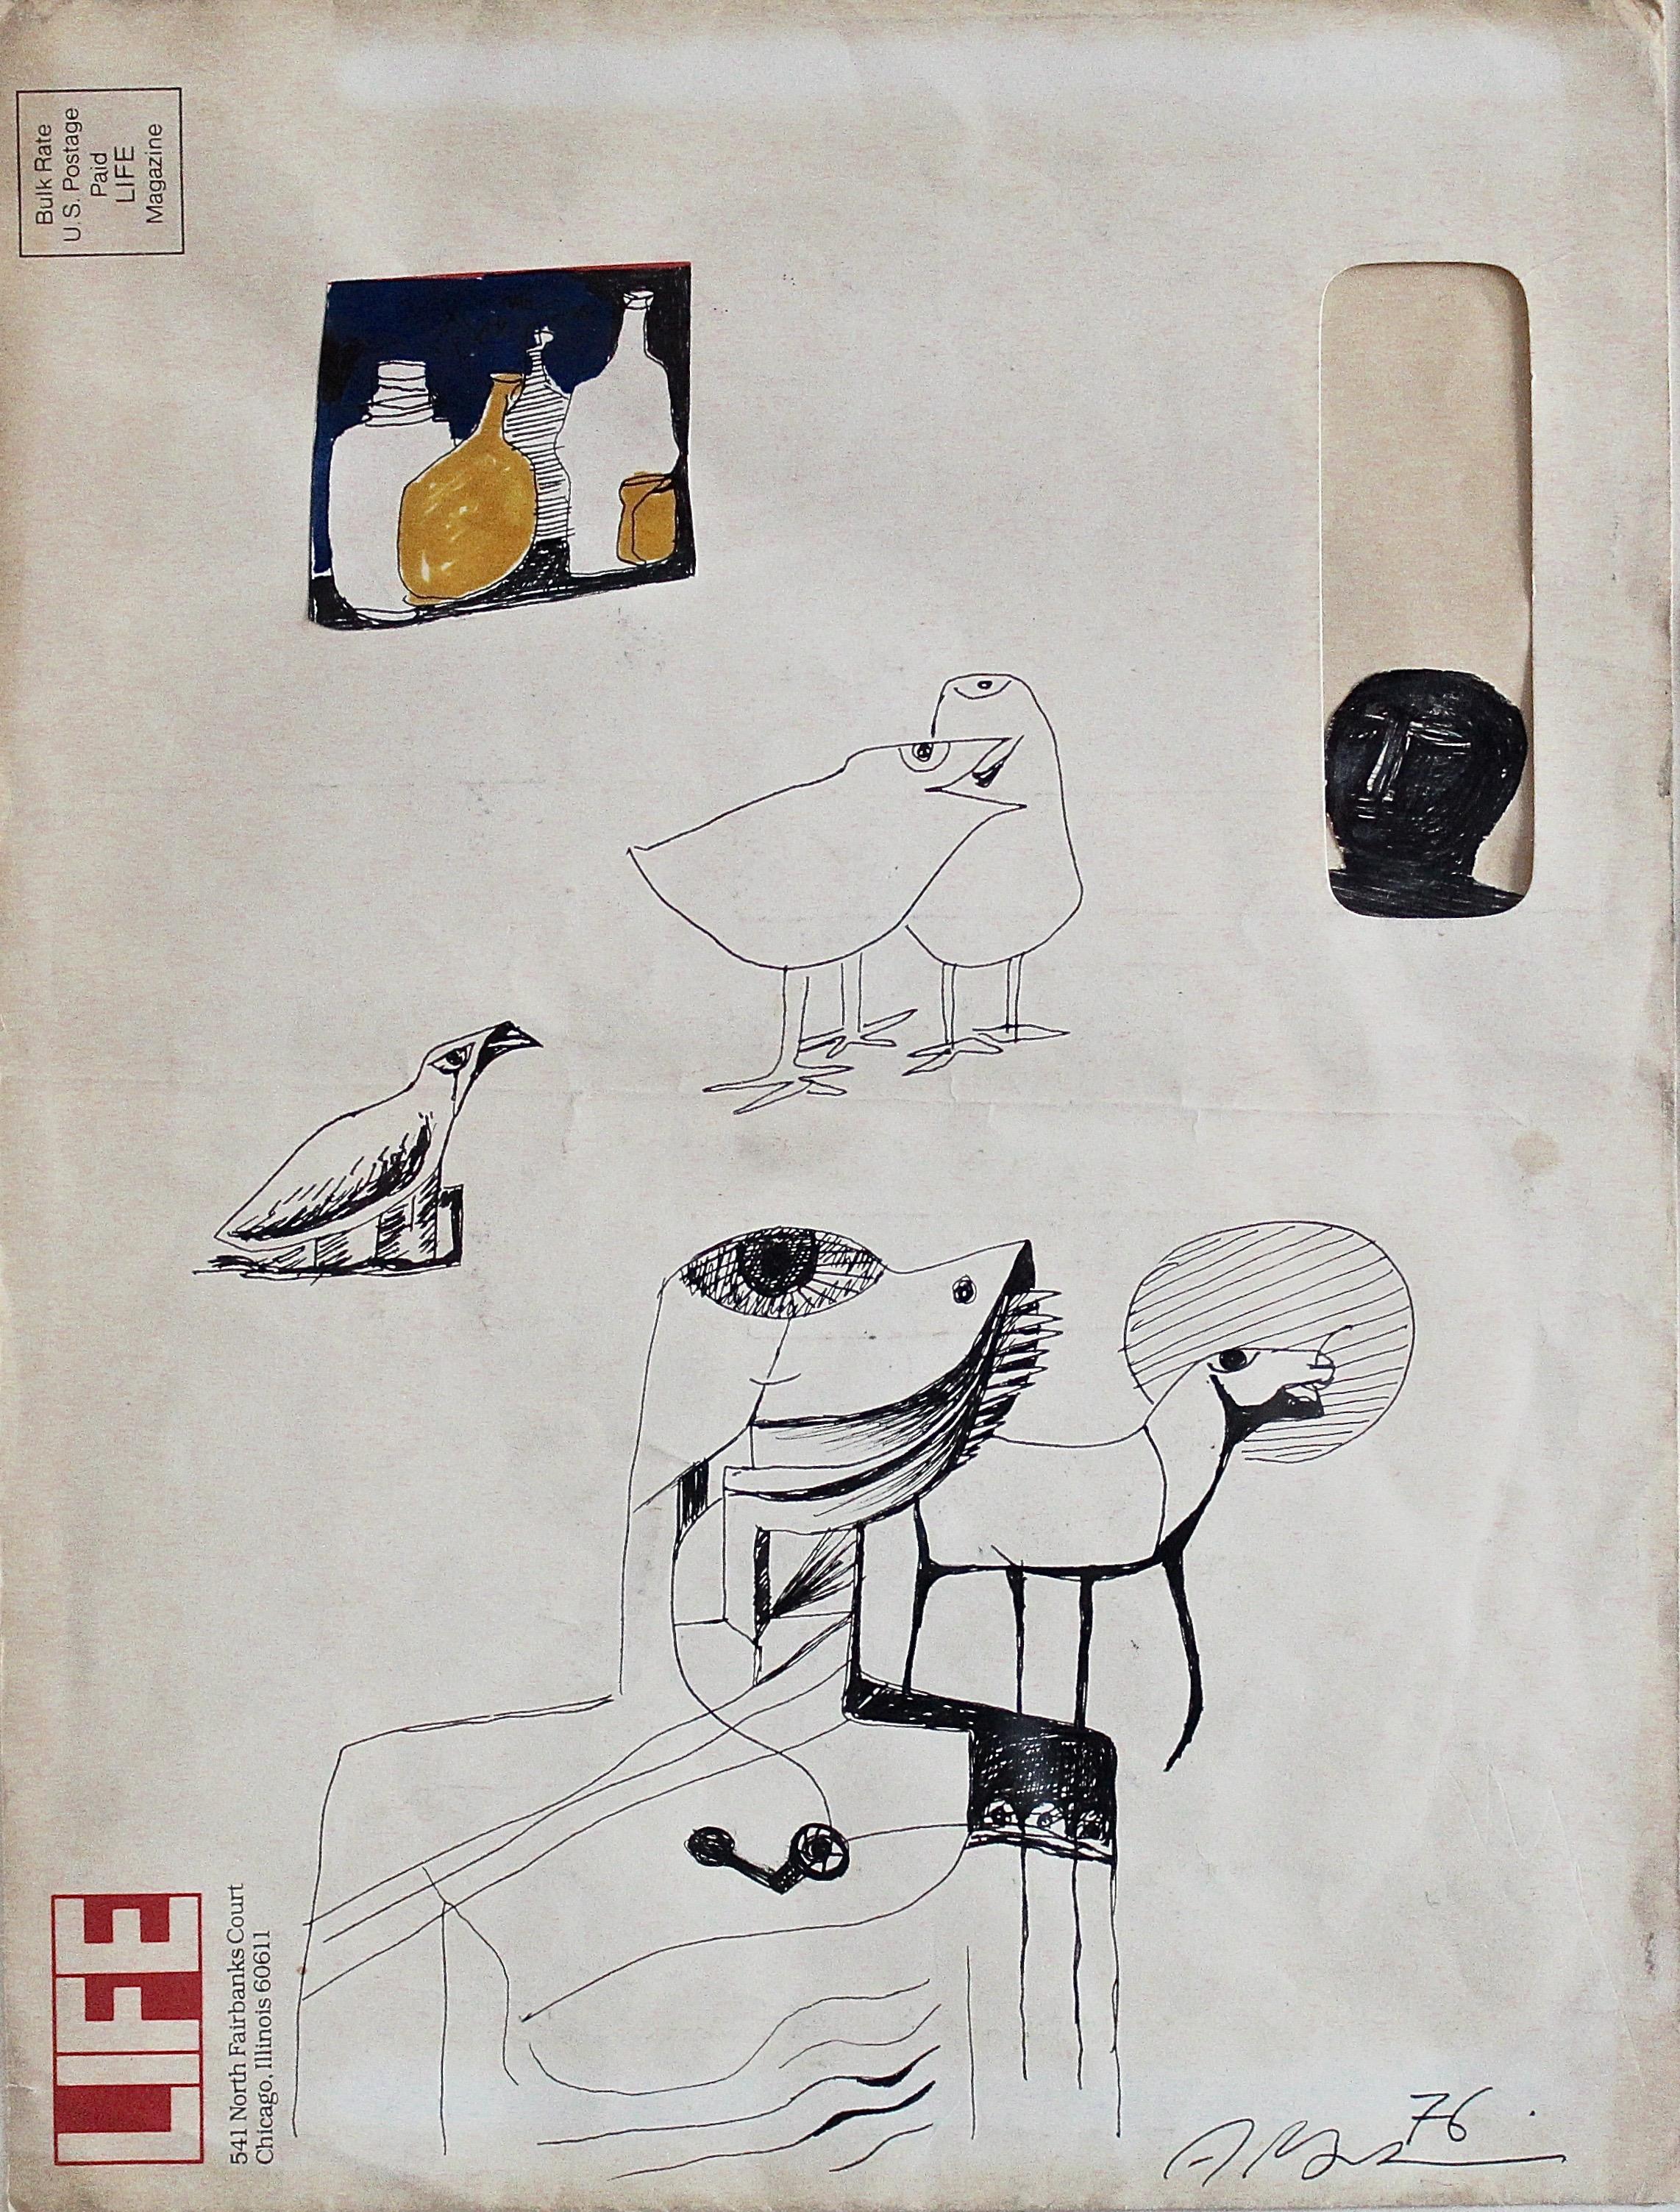 Ahmed_Morsi_(Cairo)_Drawings24.jpg